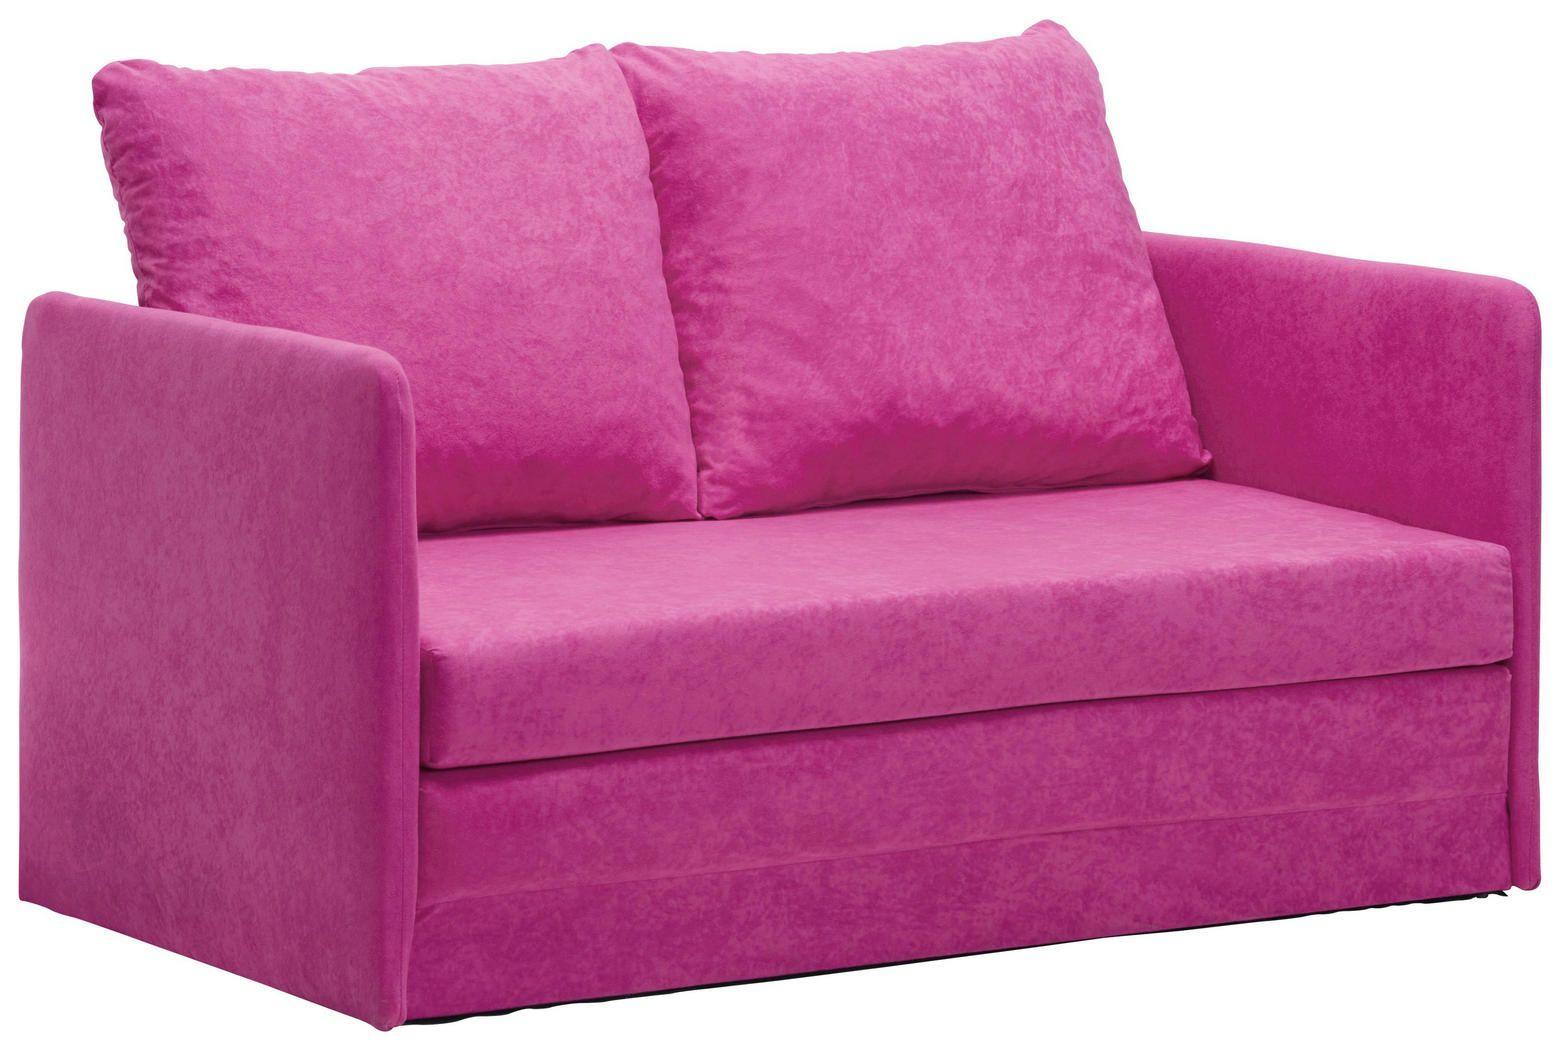 Schlafsofa rosa   Kinder sofa, Kindersofa und Sofa